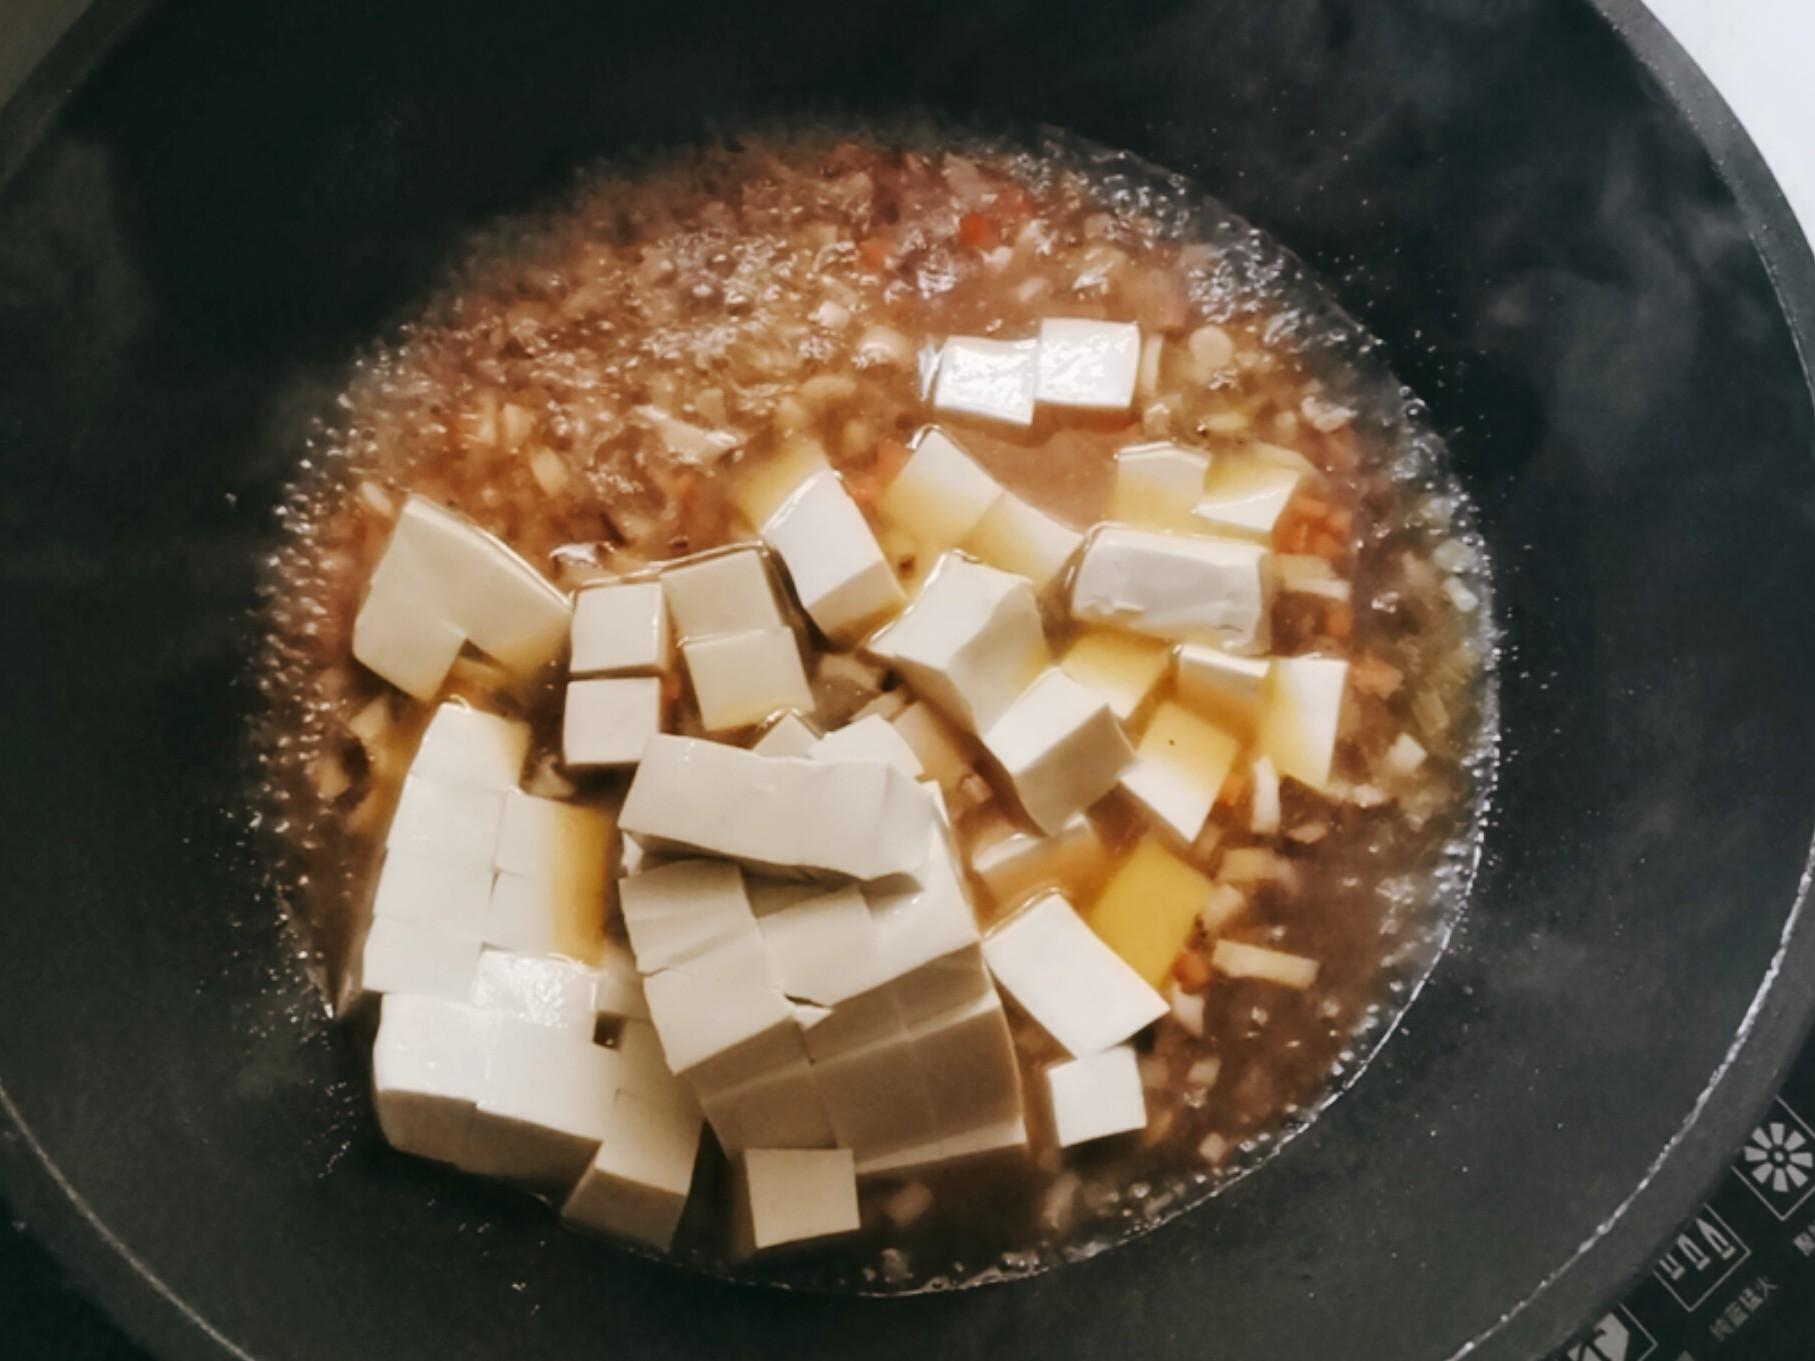 这道金玉满堂鲜到爆,家宴做它好吃不腻!的步骤